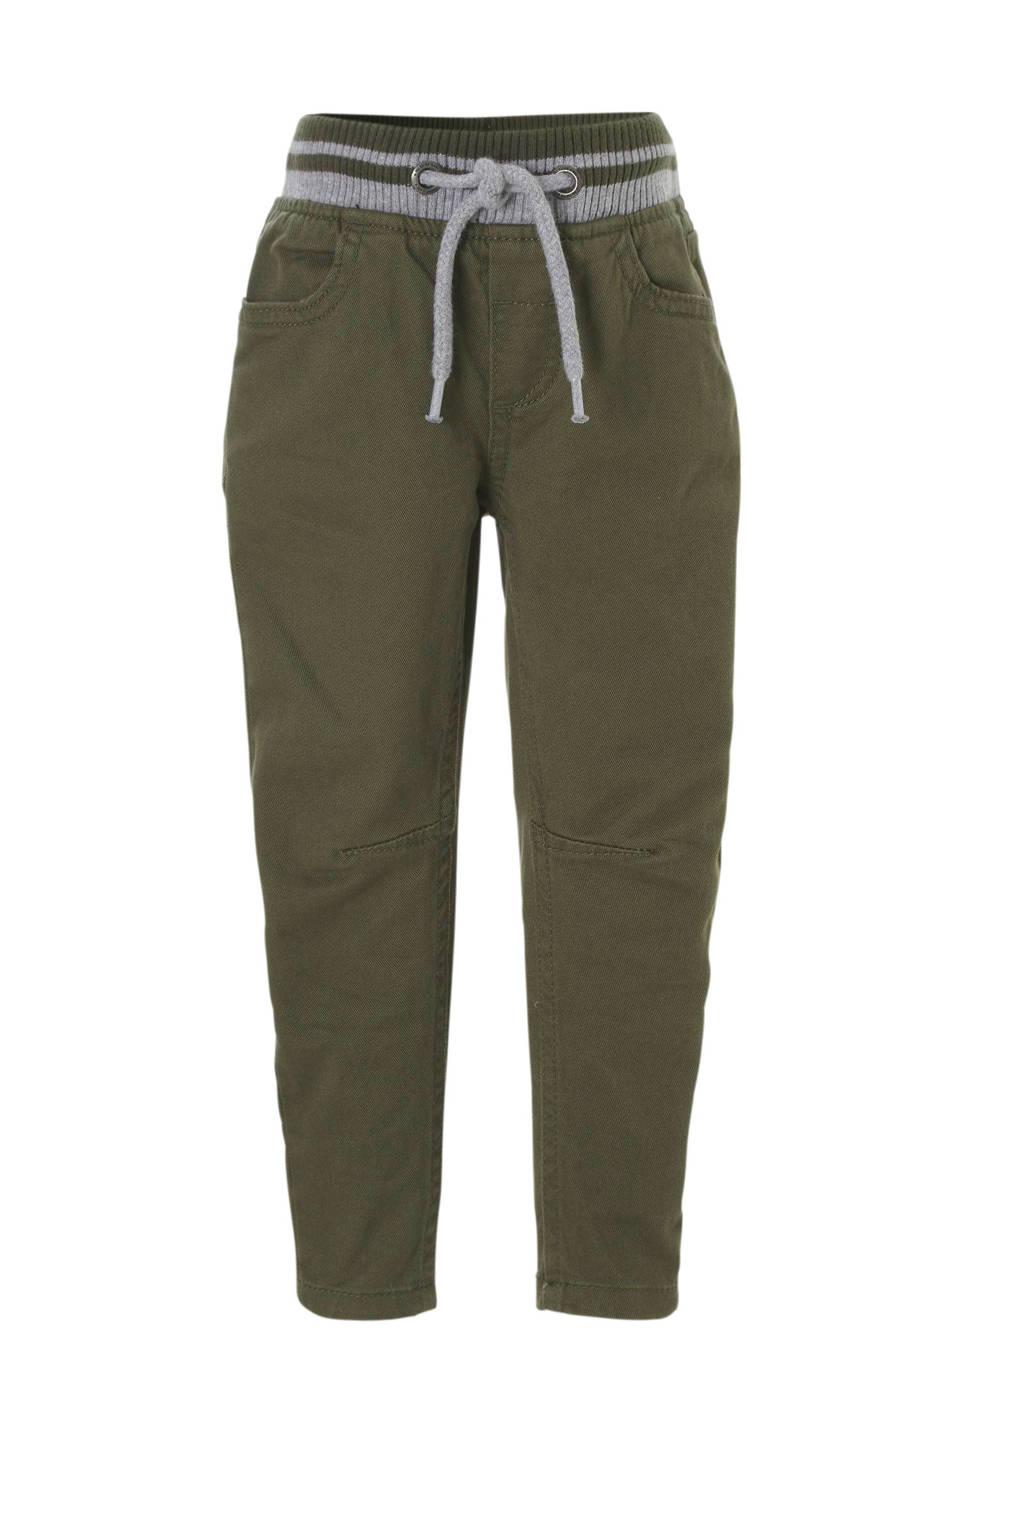 C&A Palomino tapered fit broek groen, Olijfgroen